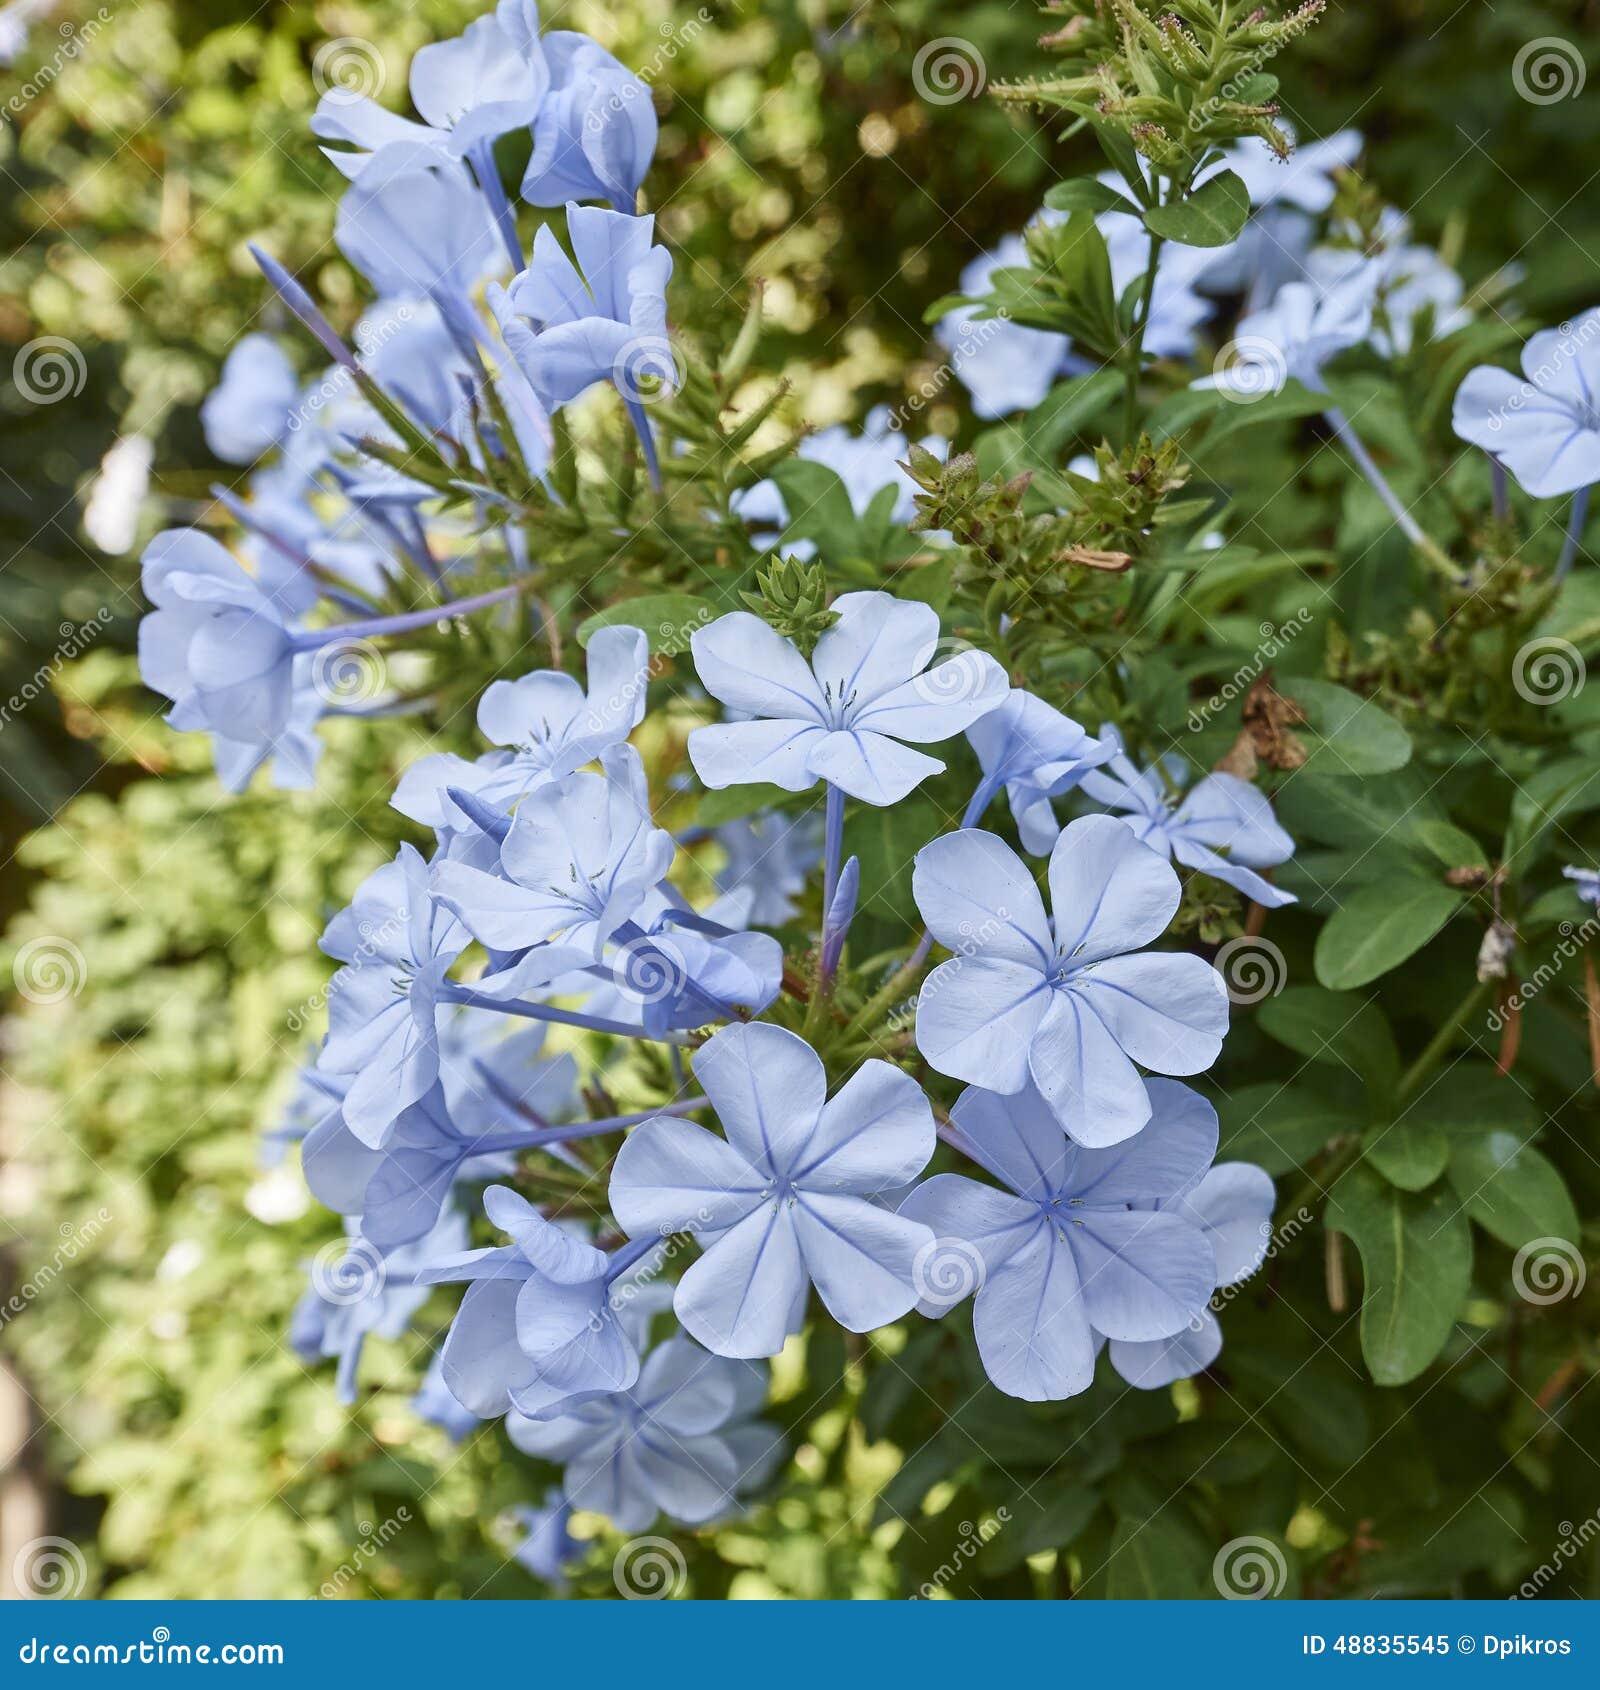 Light blue jasmine flowers bouquet closeup stock image image of light blue jasmine flowers bouquet closeup izmirmasajfo